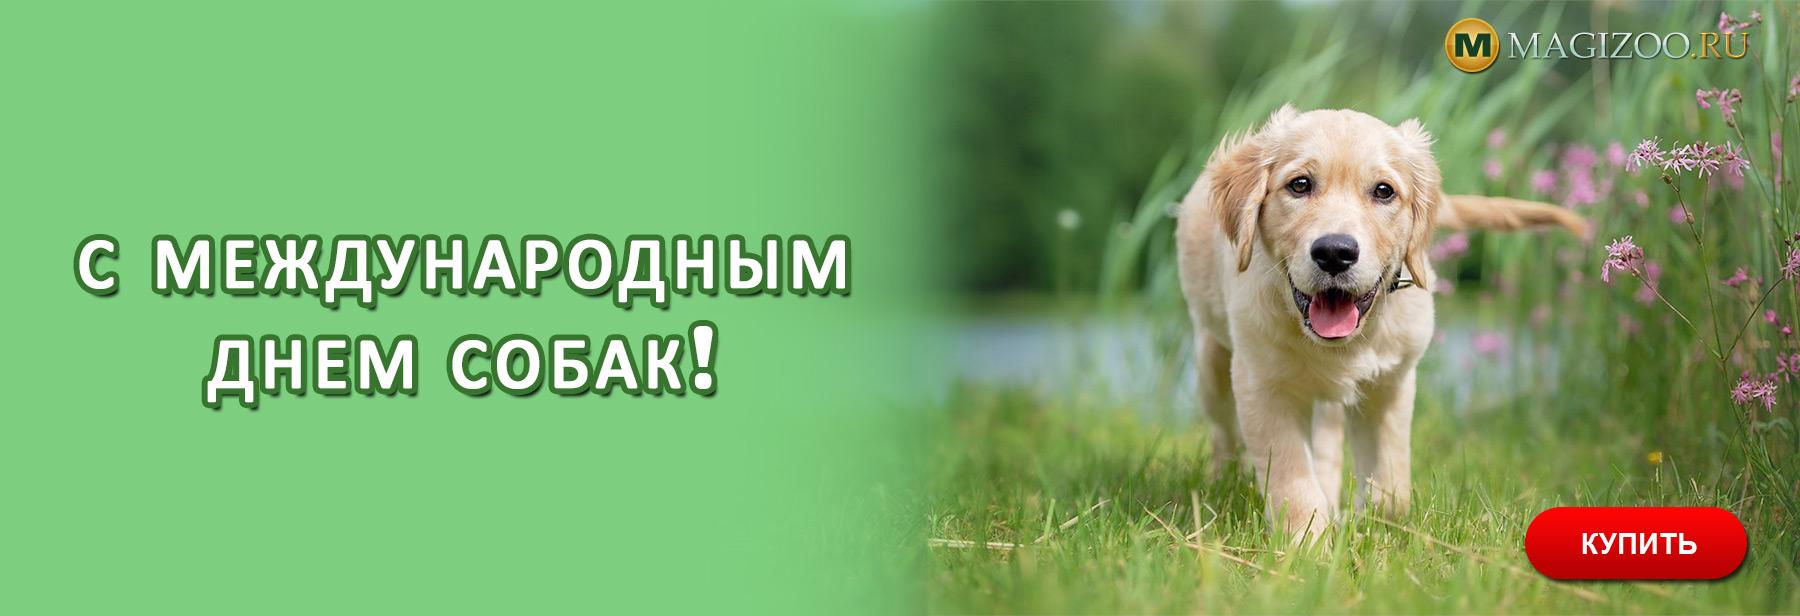 Международный день собак в России: какого числа